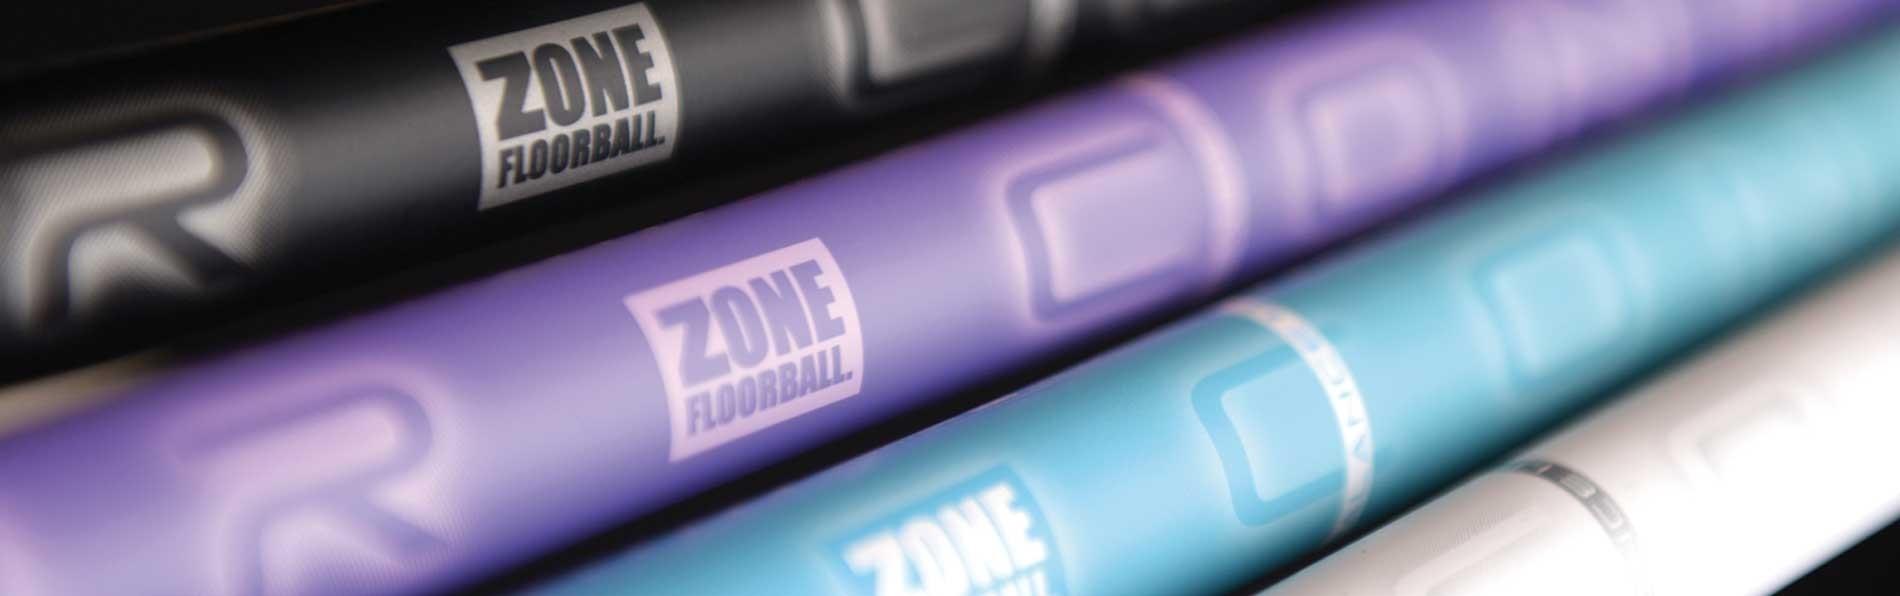 Novinky Unihoc a Zone - florbalové hole